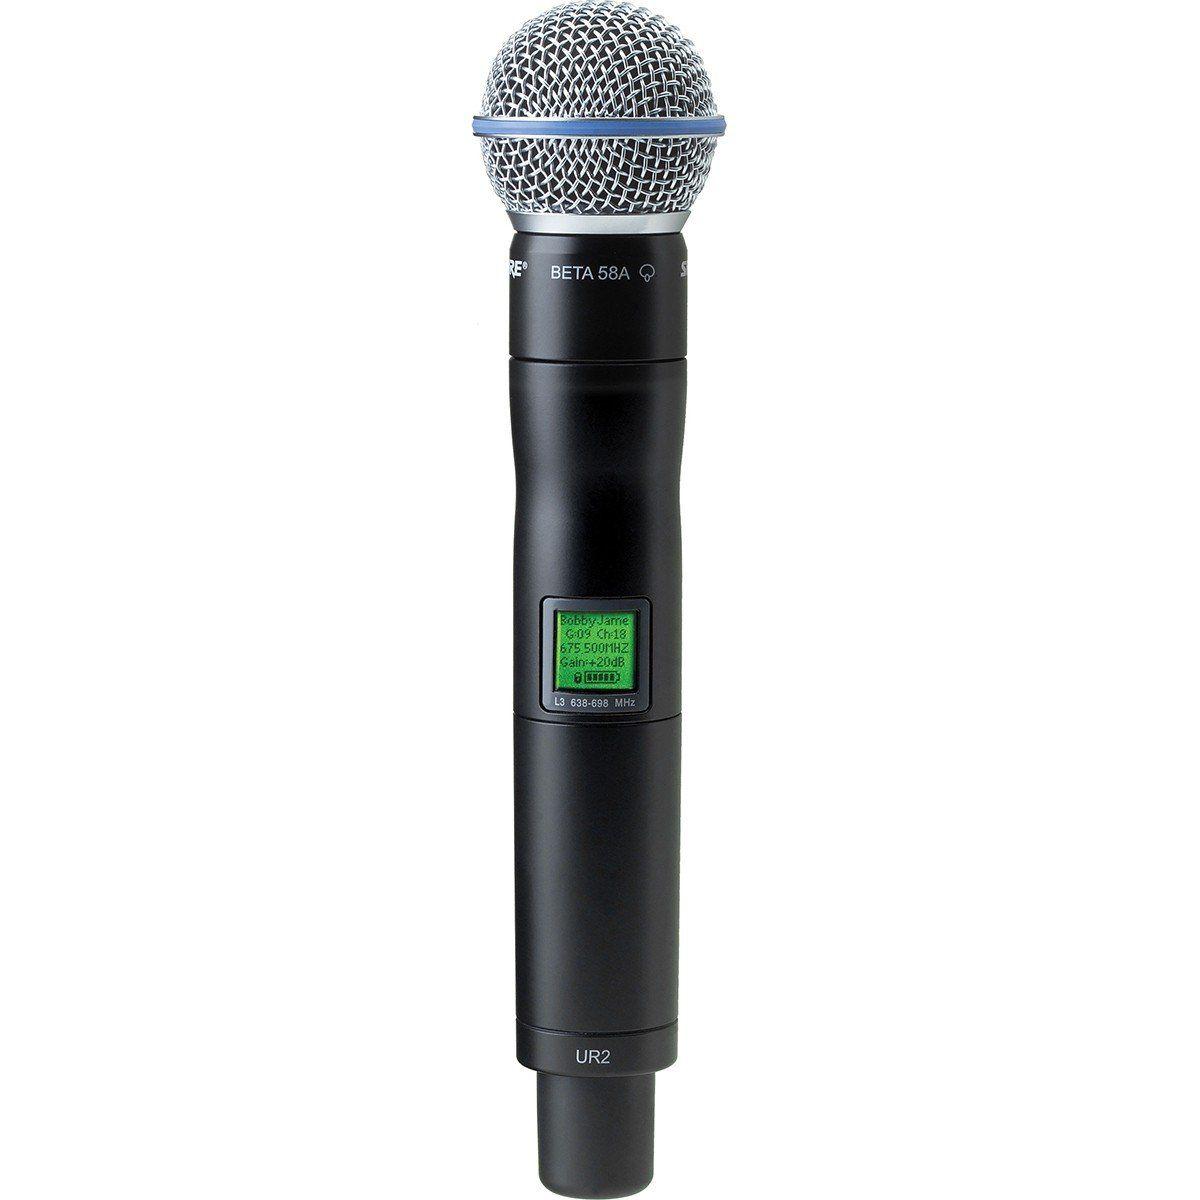 Shure UR2/Beta58A Microfone Shure UR2 B58A para Série UHF-R